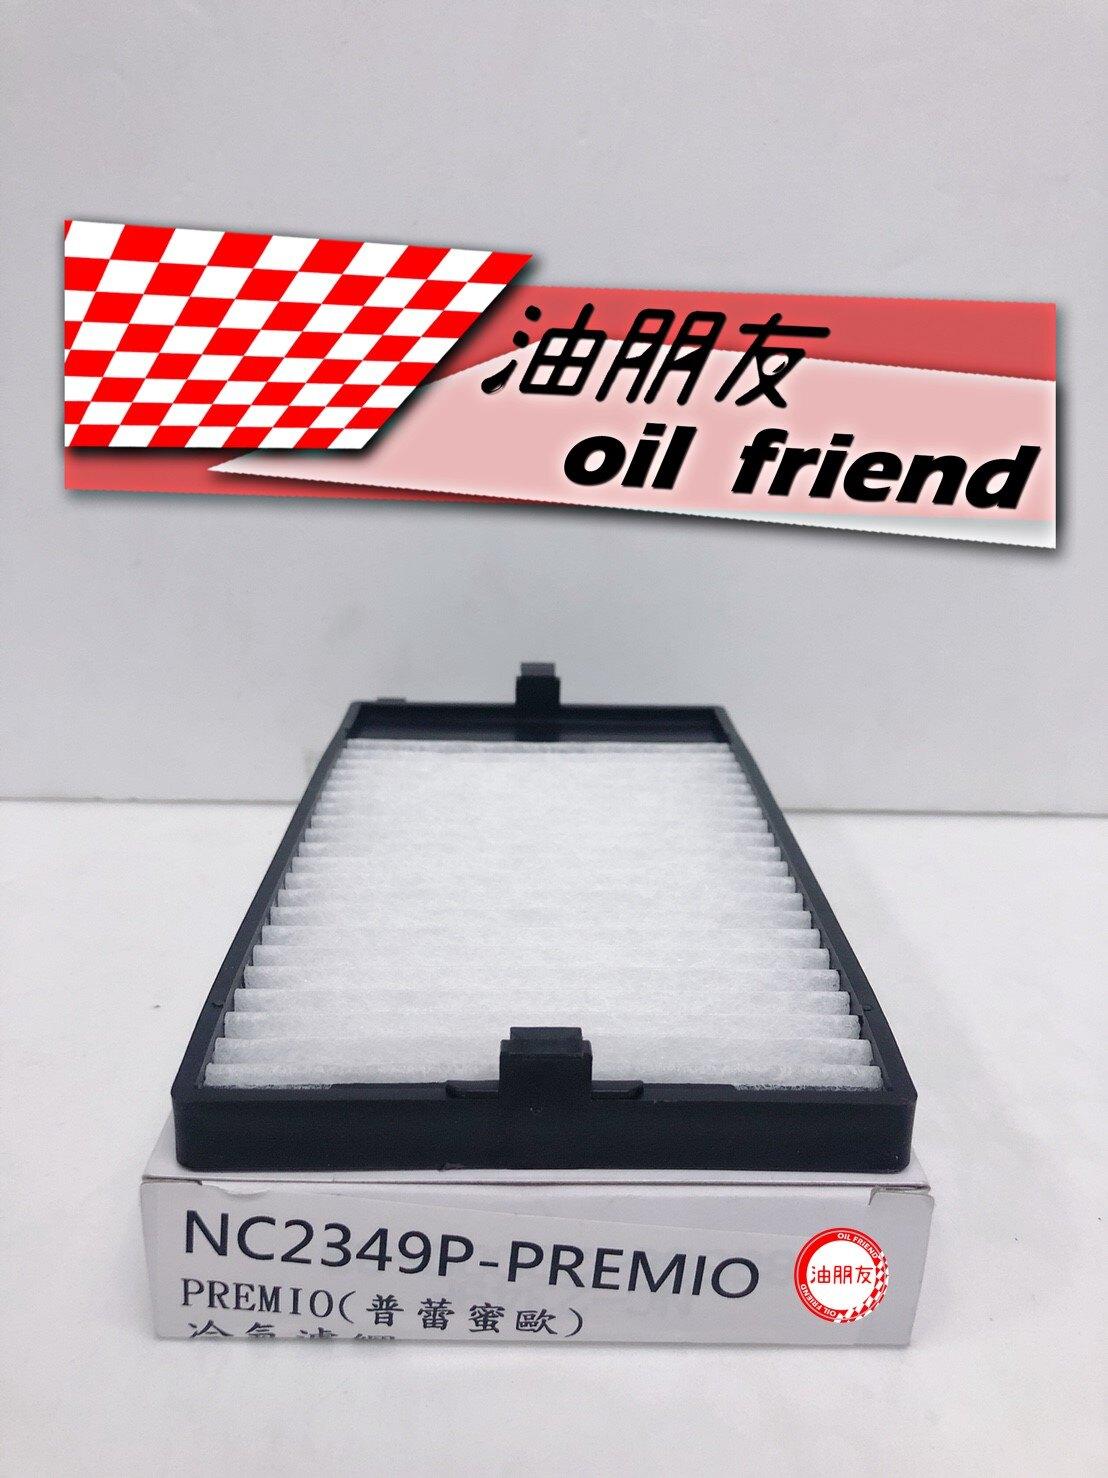 -油朋友- 油朋友 冷氣芯  冷氣濾網  豐田 toyota PREMIO  免運